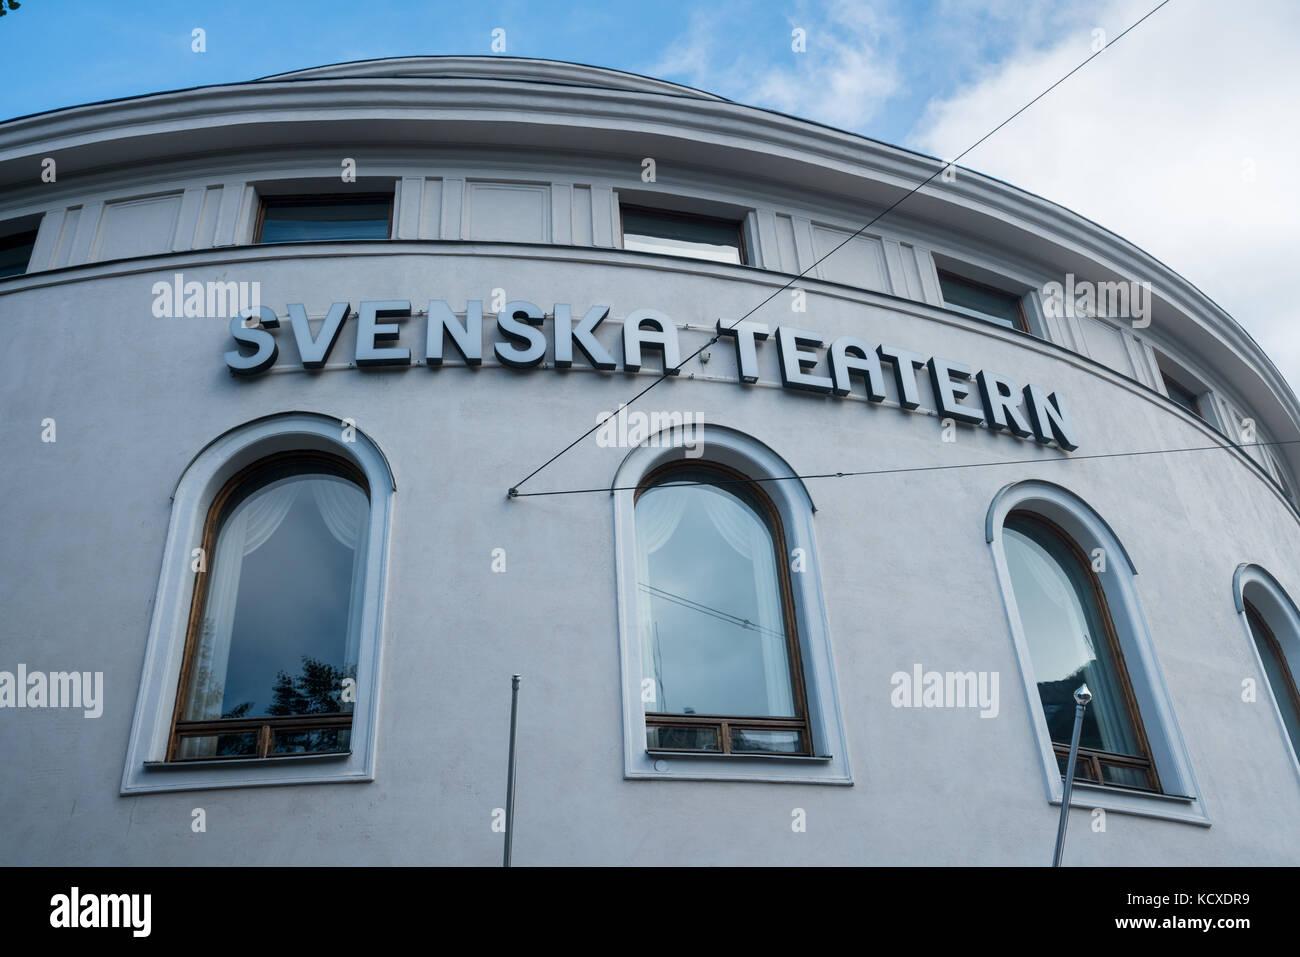 Svenska or Swedish Theater in Helsinki Finland - Stock Image